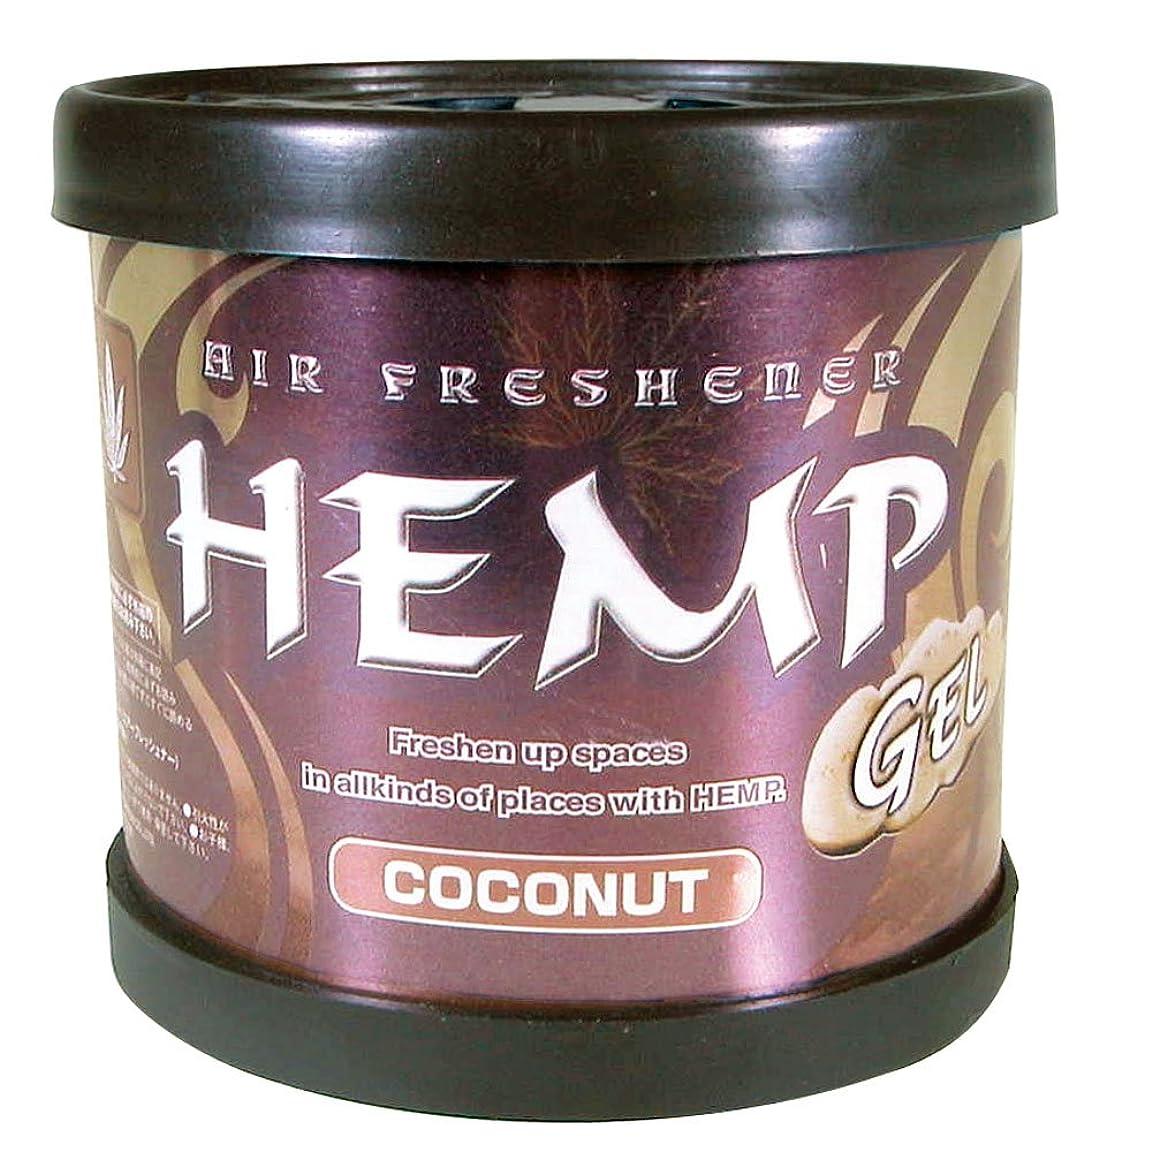 憂慮すべき好奇心盛破裂HEMP フレグランスジェル ココナッツ 80g OA-HEG-1-2